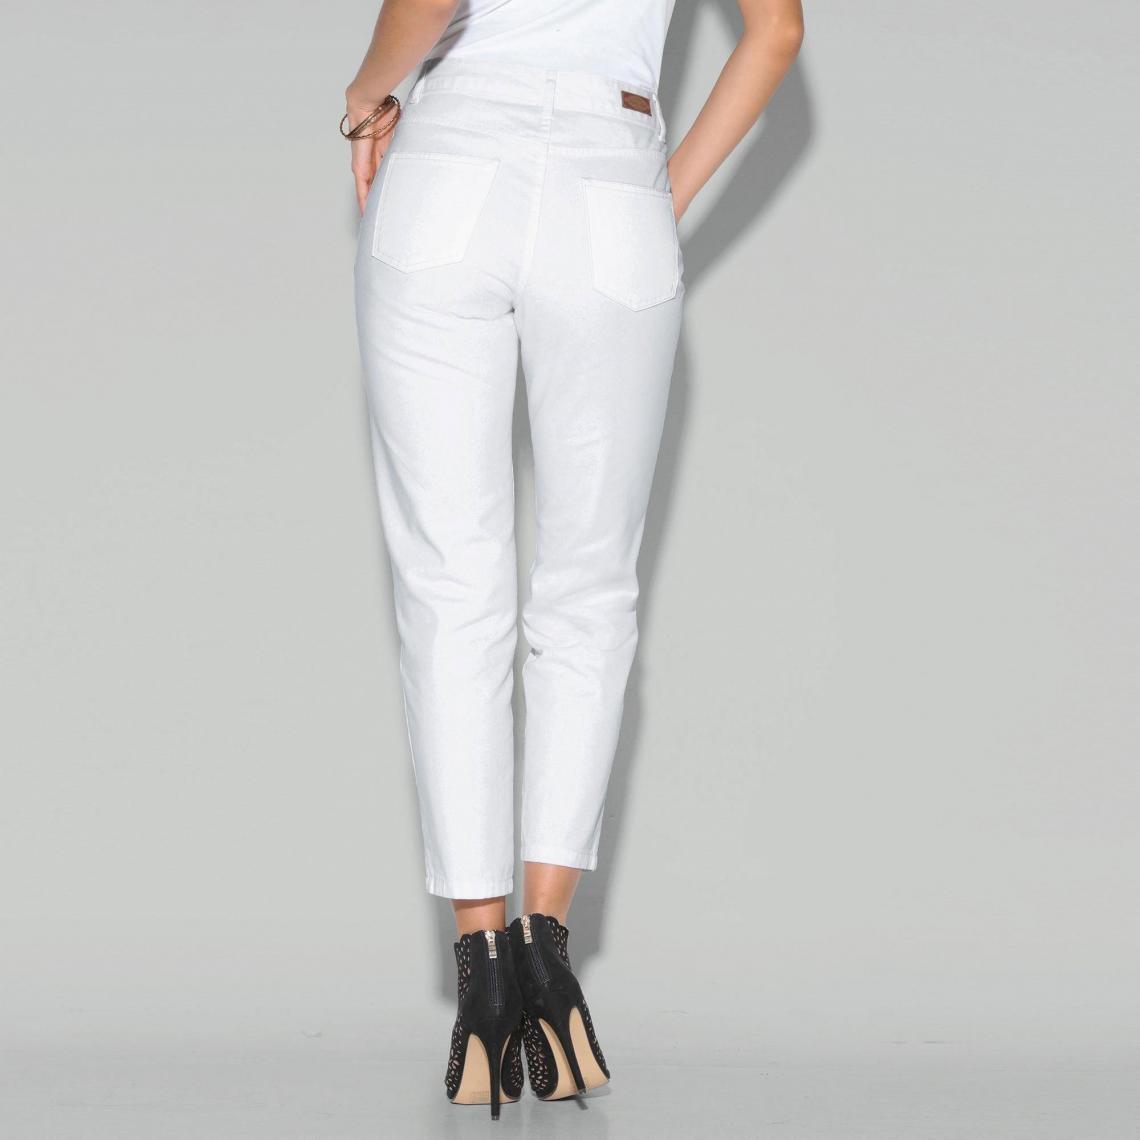 6c8a7fdd7210 Jean boyfriend 5 poches taille haute femme - Blanc 3 SUISSES